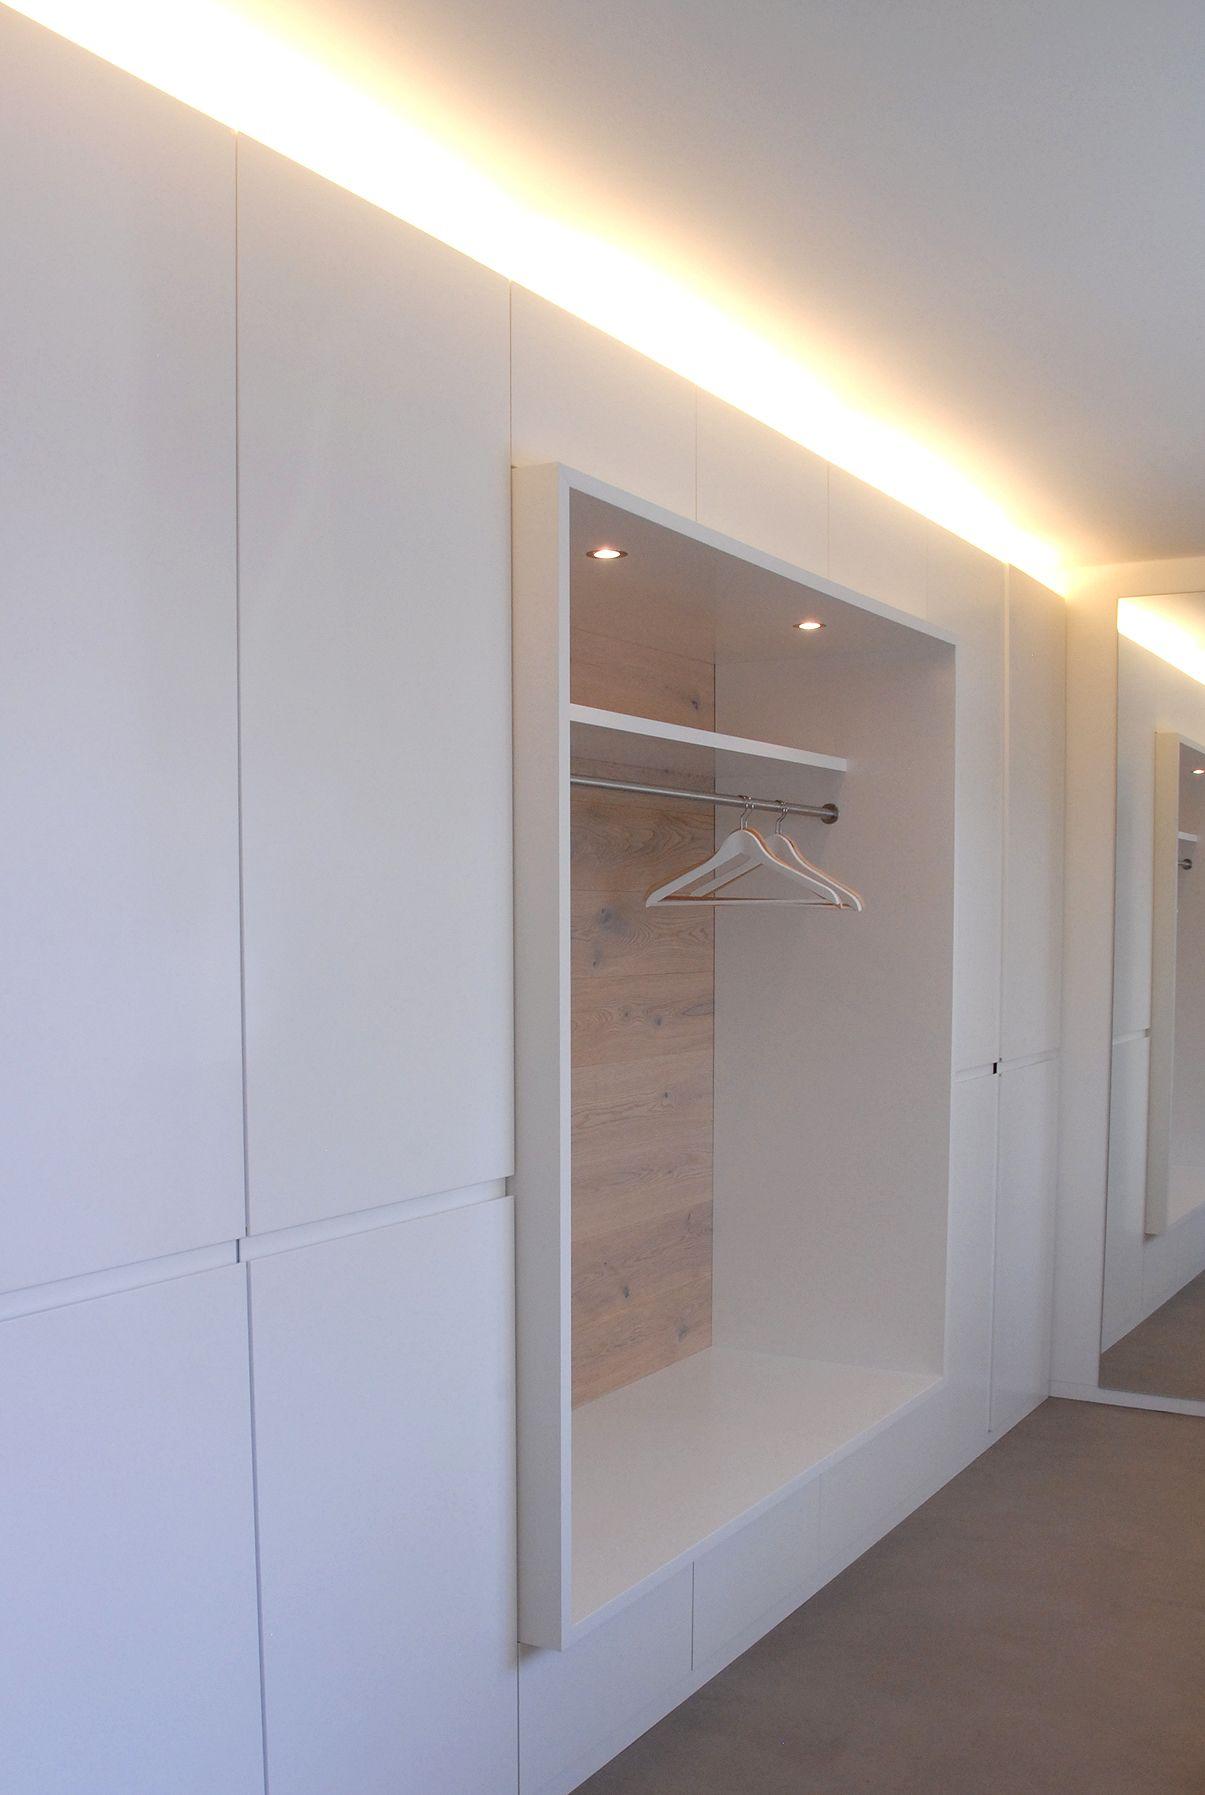 die besten 25 einbauschrank garderobe ideen auf pinterest einbauschrank eingangsbereich. Black Bedroom Furniture Sets. Home Design Ideas